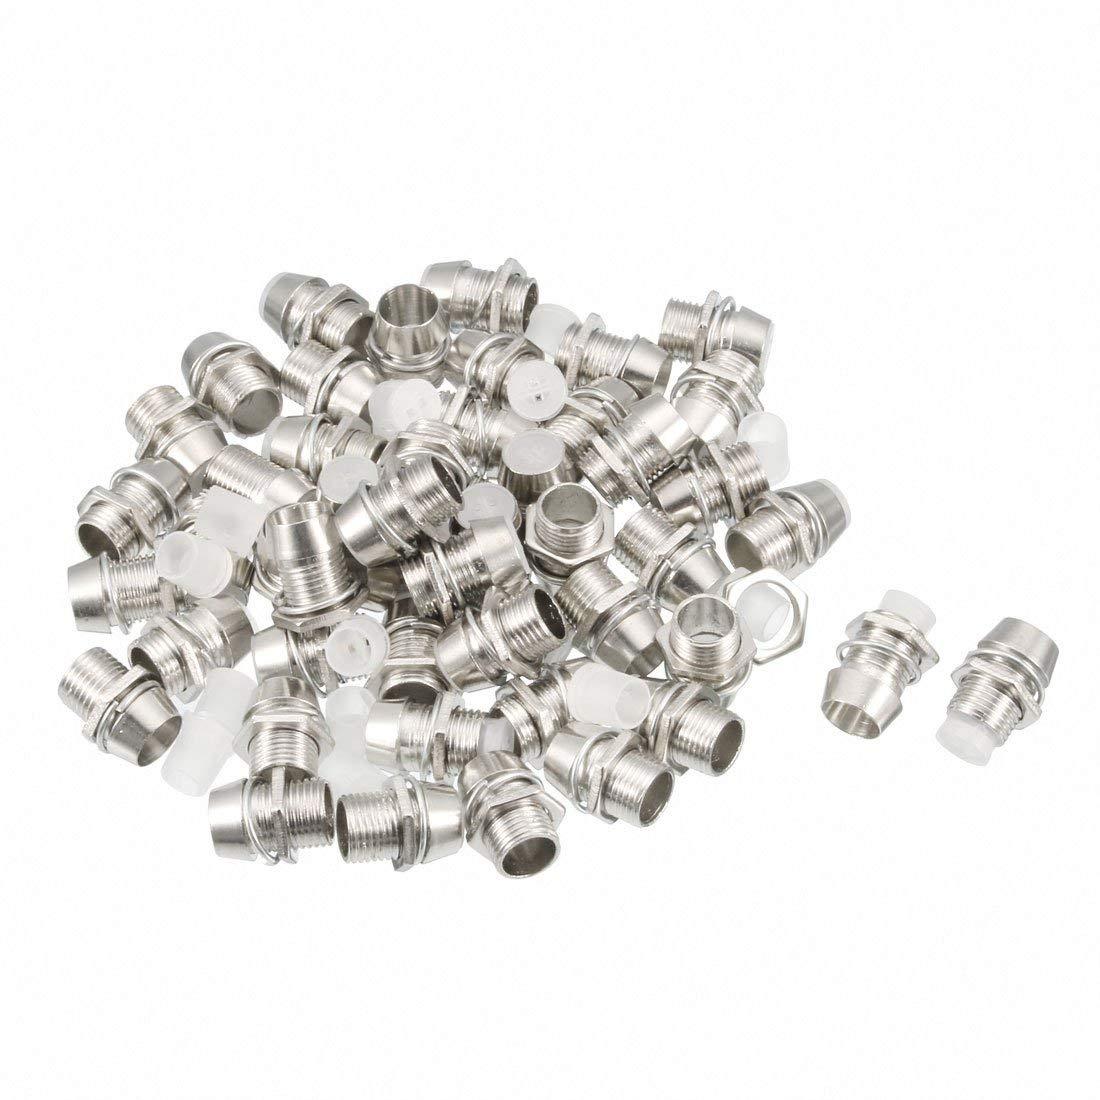 uxcell 50pcs 5mm LED Lamp Holder Light Bulb Socket Zinc Alloy Chrome Plated for Light-emitting Diode Lighting